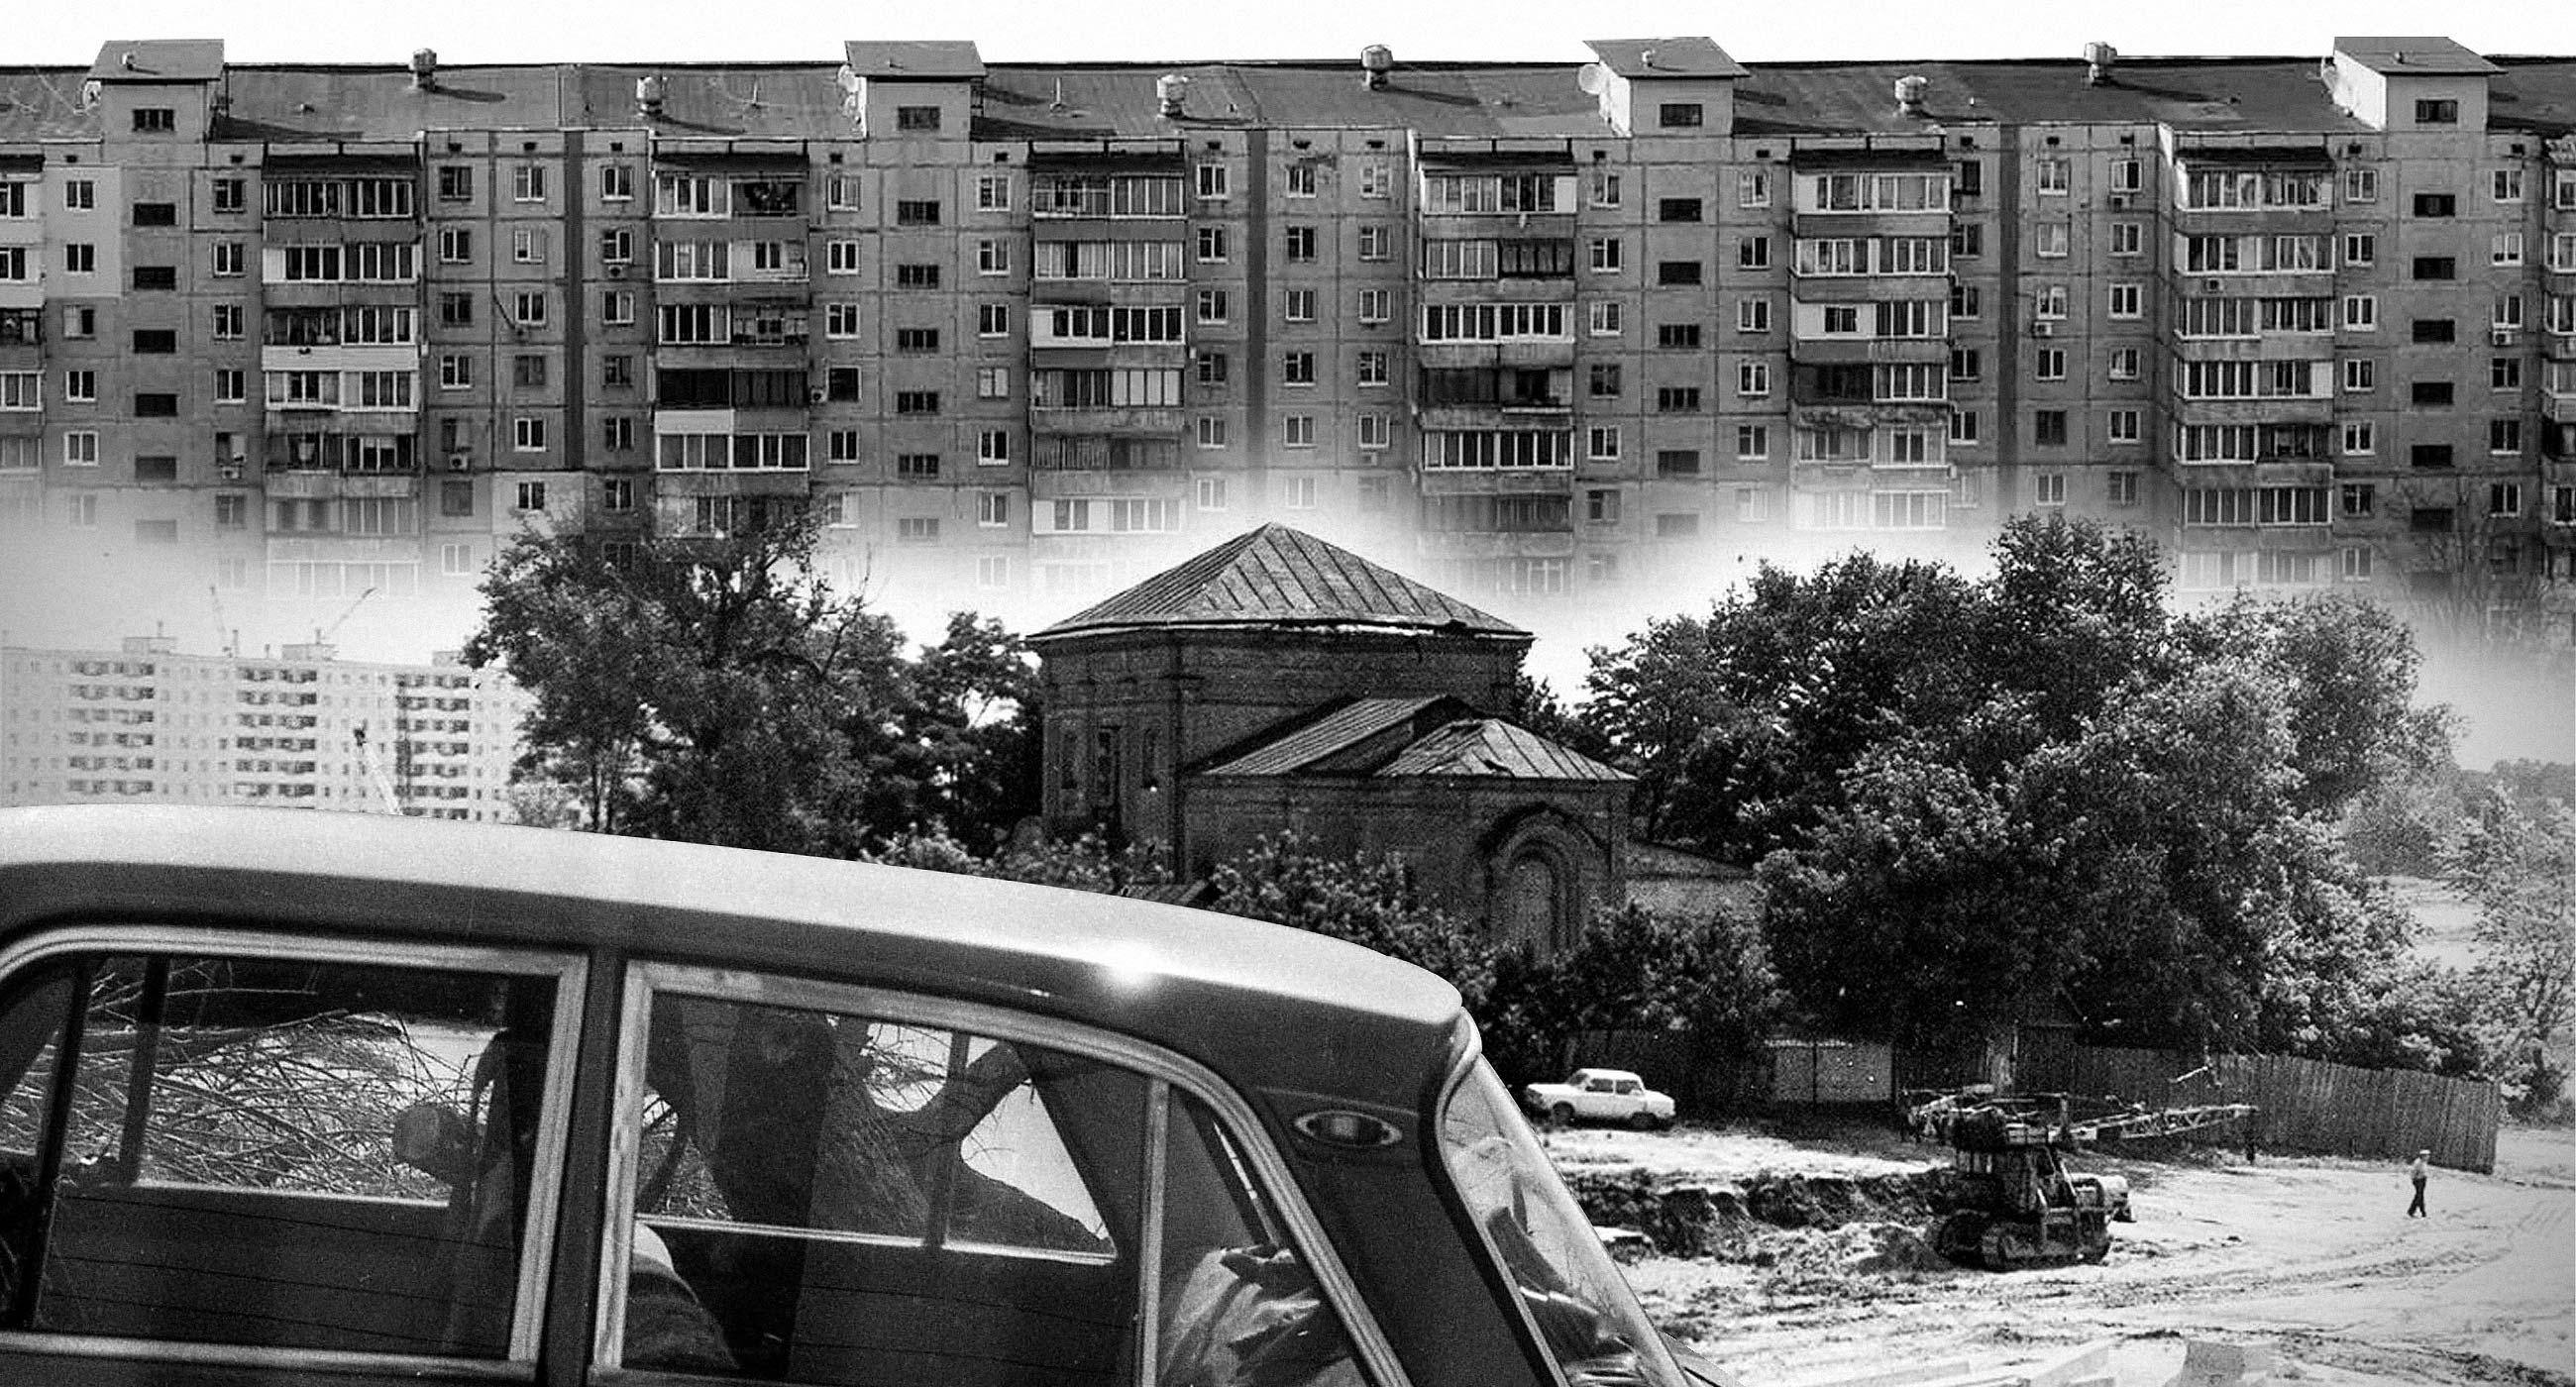 Ради массового жилья в Киеве уничтожили десятки поселений. Рассказываем, как это было